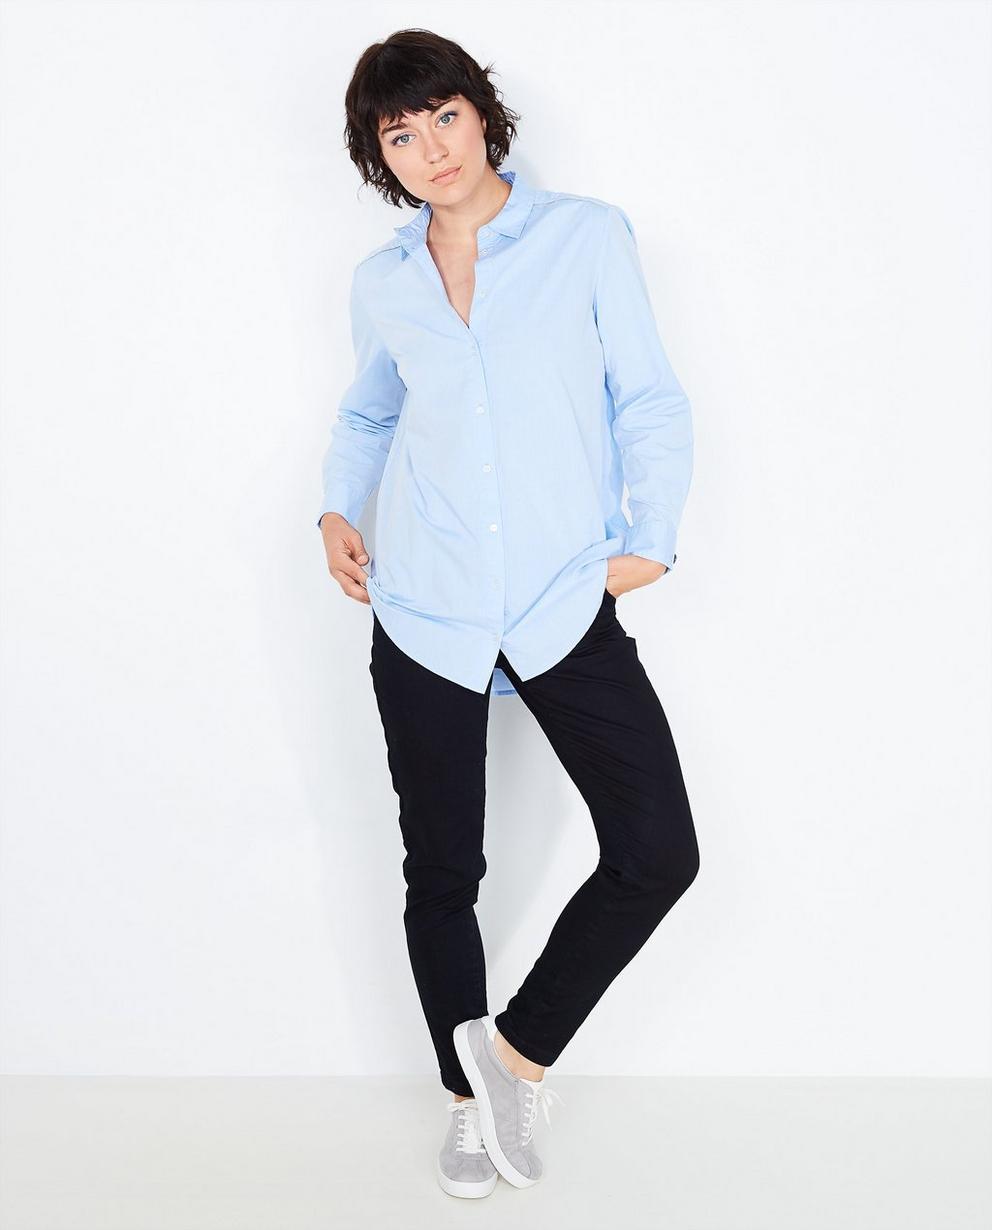 Chemise bleu clair  - avec des biais à paillettes - Sora